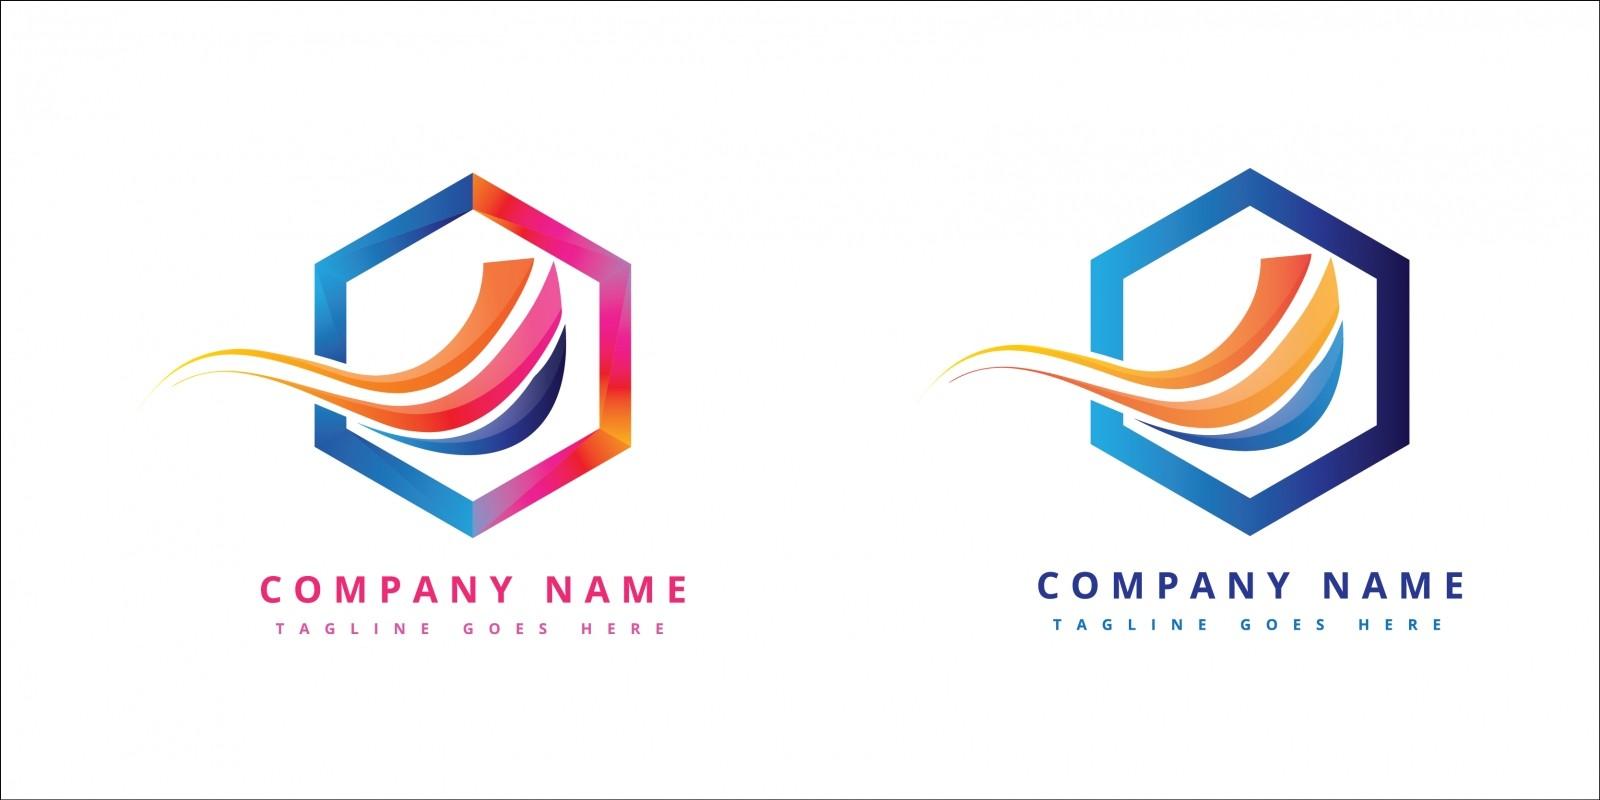 Futuristic Colorful Corporate Company logo